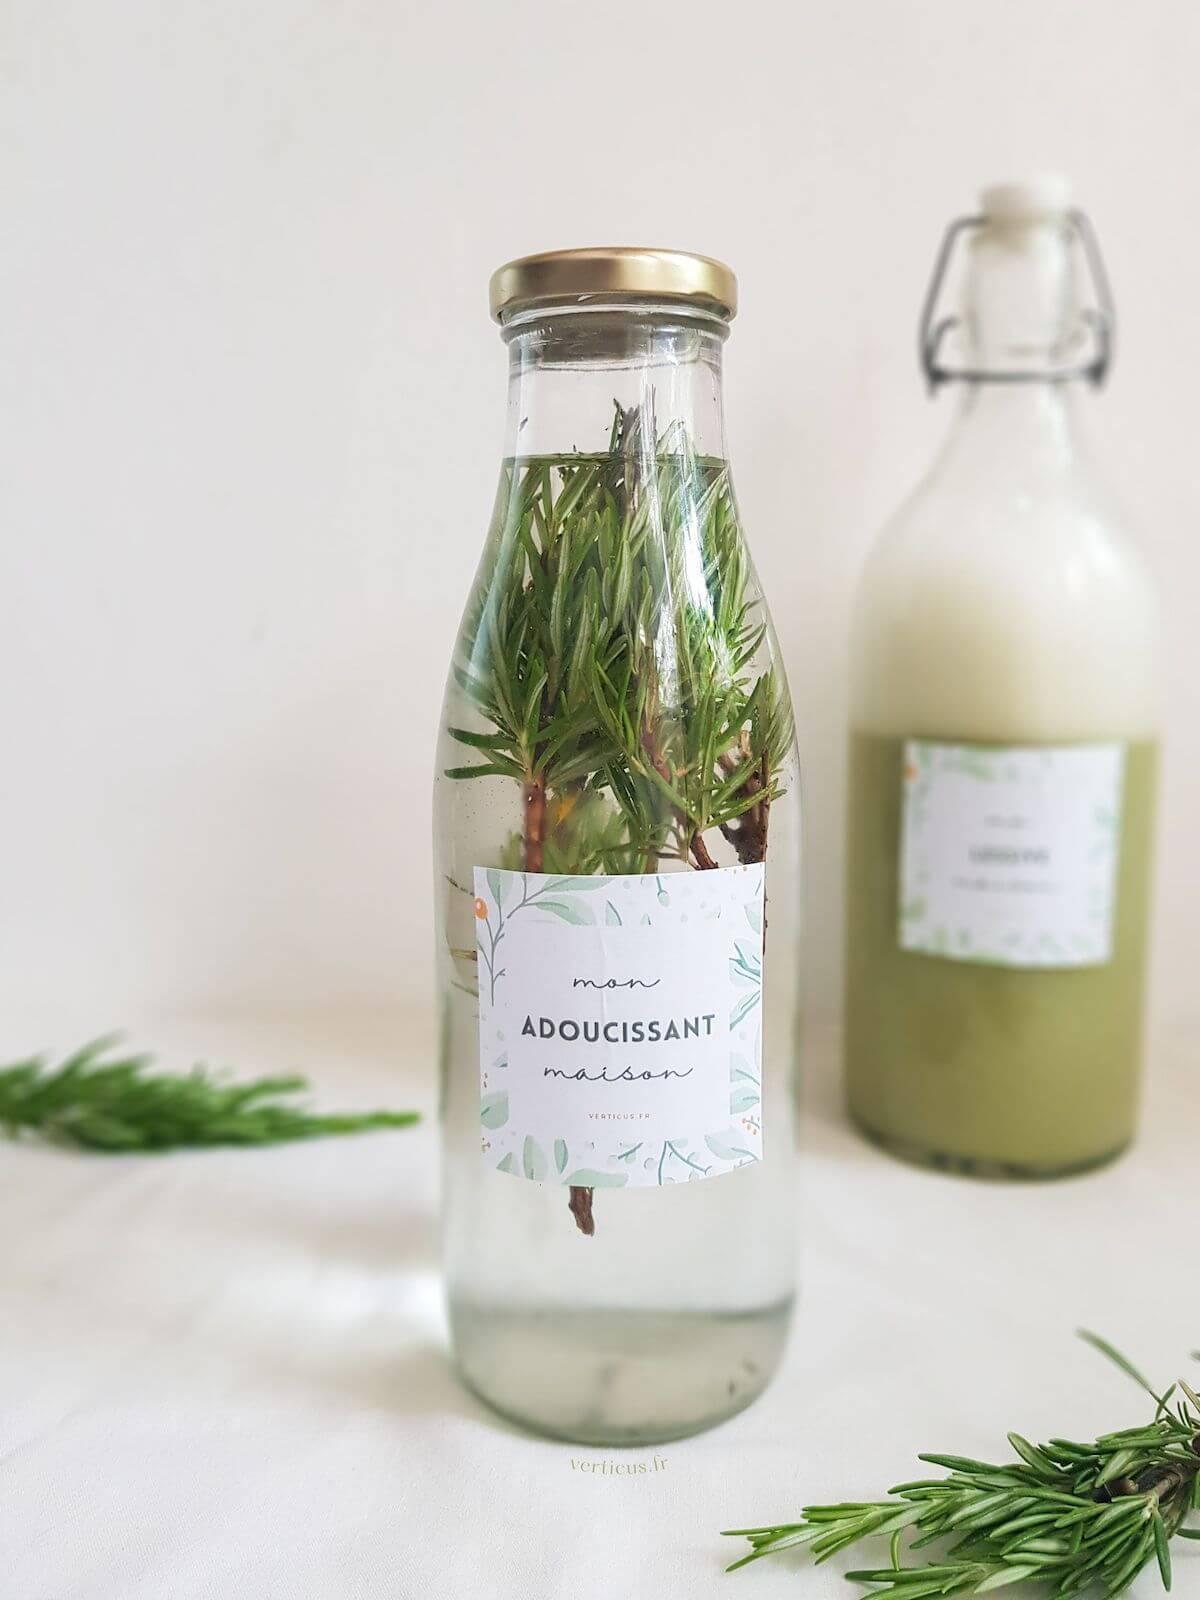 Recette d'adoucissant maison au vinaigre blanc et aromates du jardin